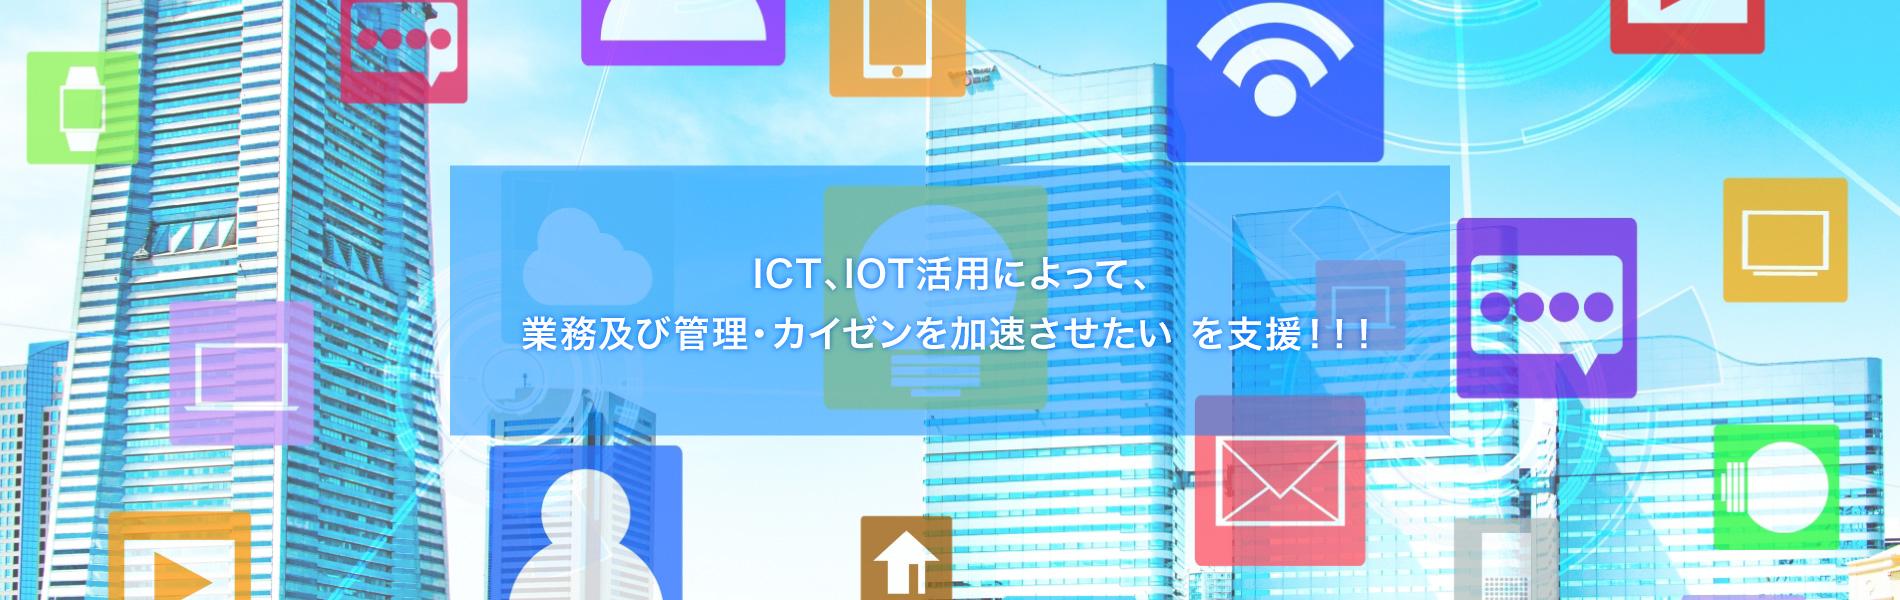 ICT、IOT活用によって、業務及び管理・カイゼンを加速させたいを支援!!